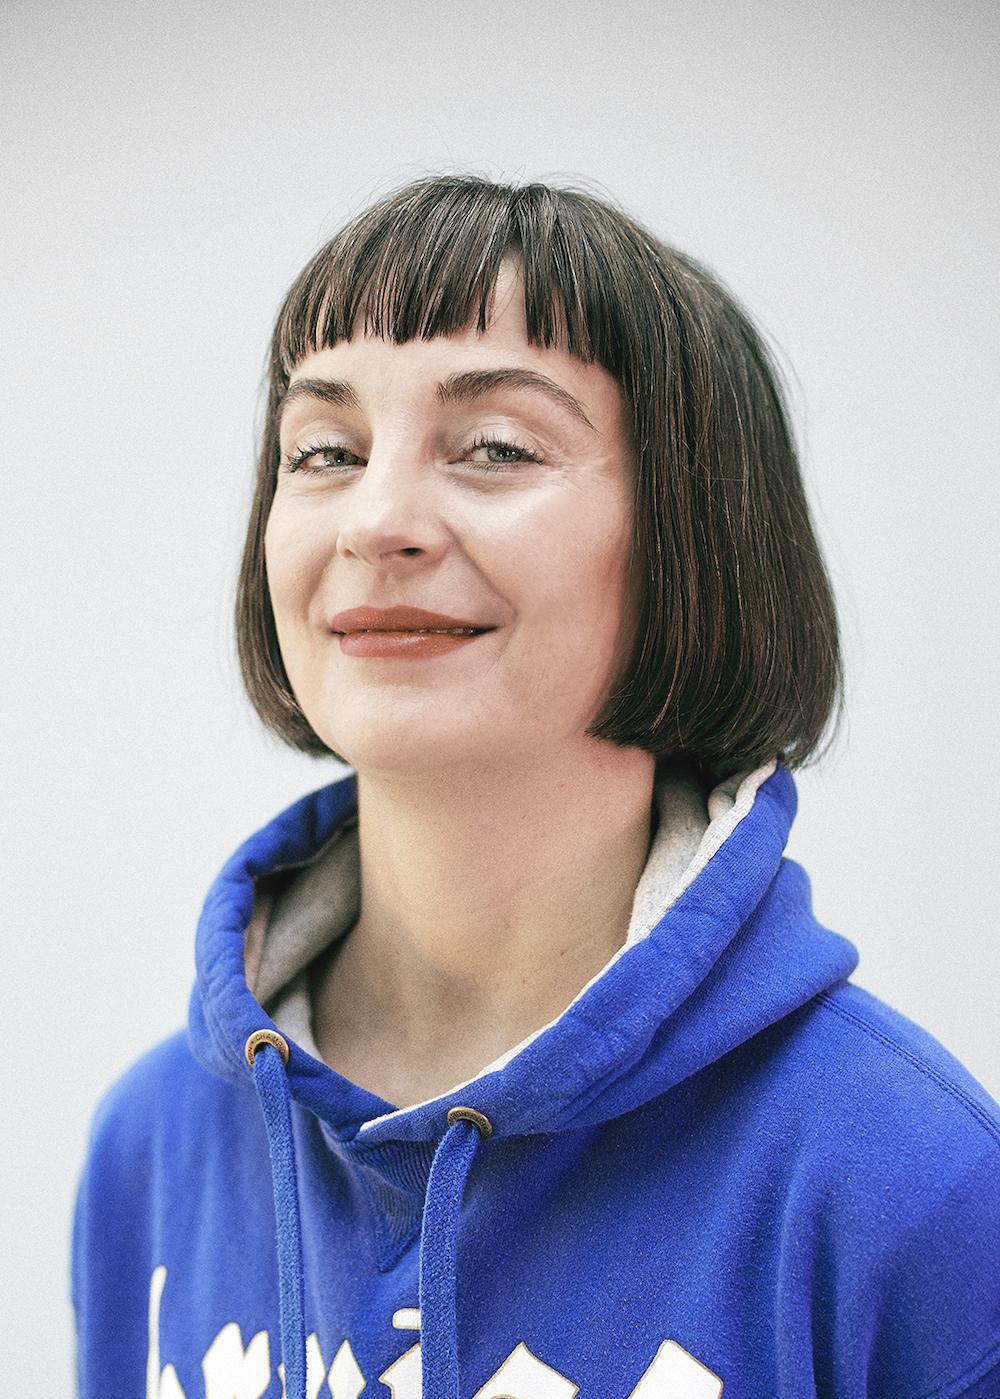 Jenny Schlenzka